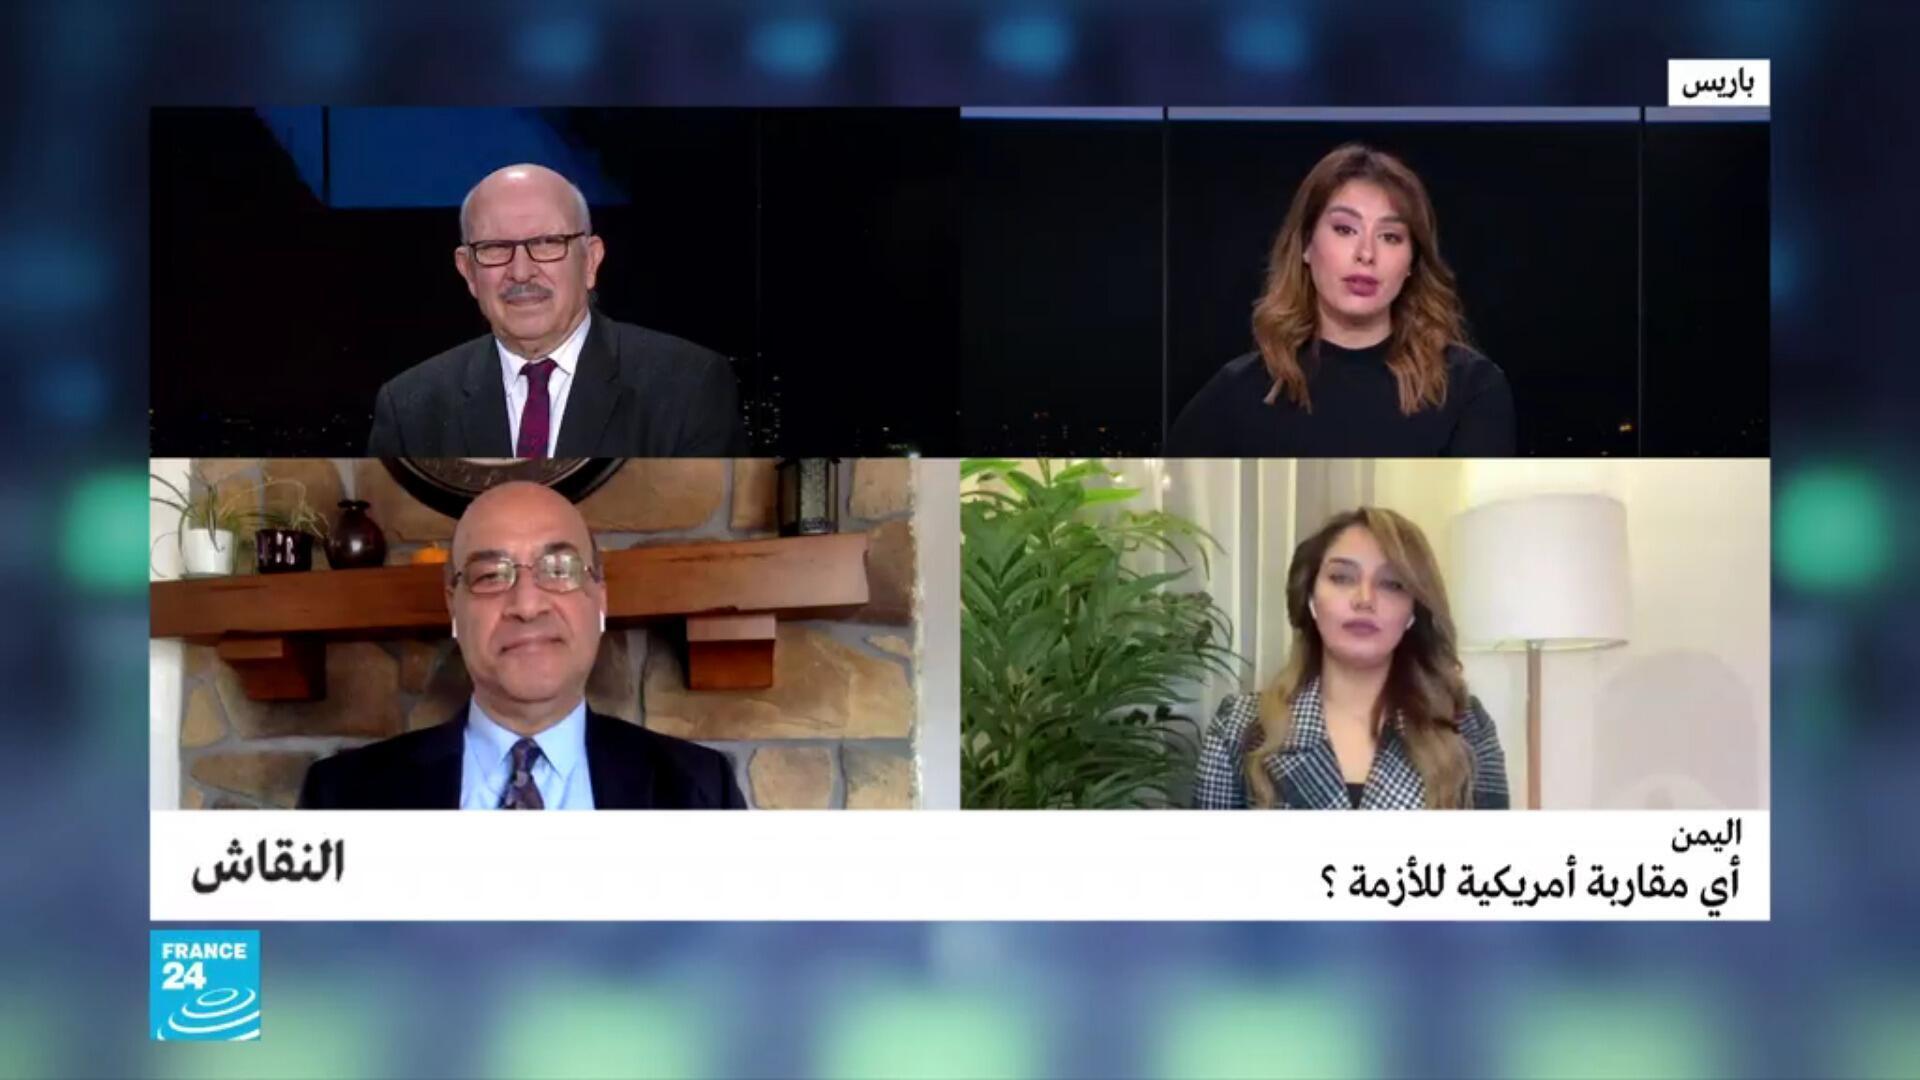 اليمن: أي مقاربة أمريكية للأزمة ؟